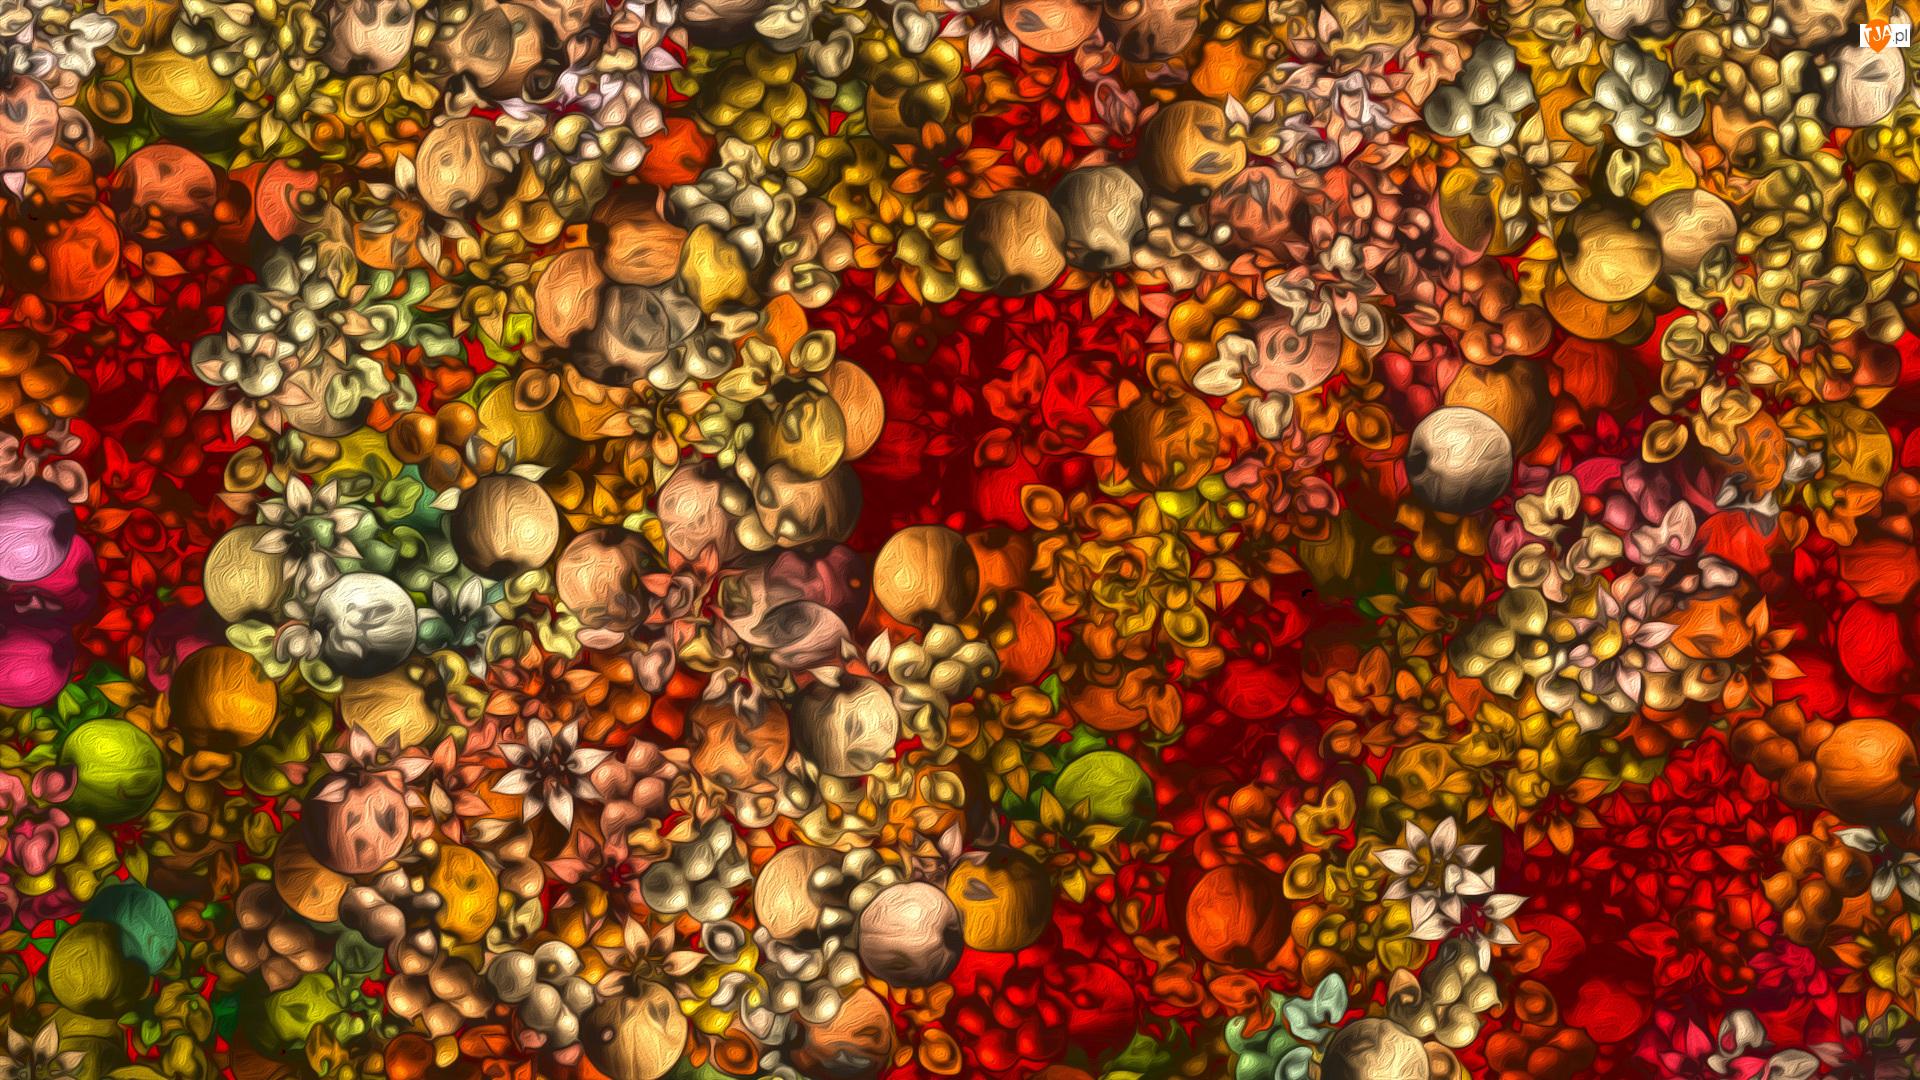 Tekstura, Kółka, Kolorowe, Pomarańczowo-czerwona